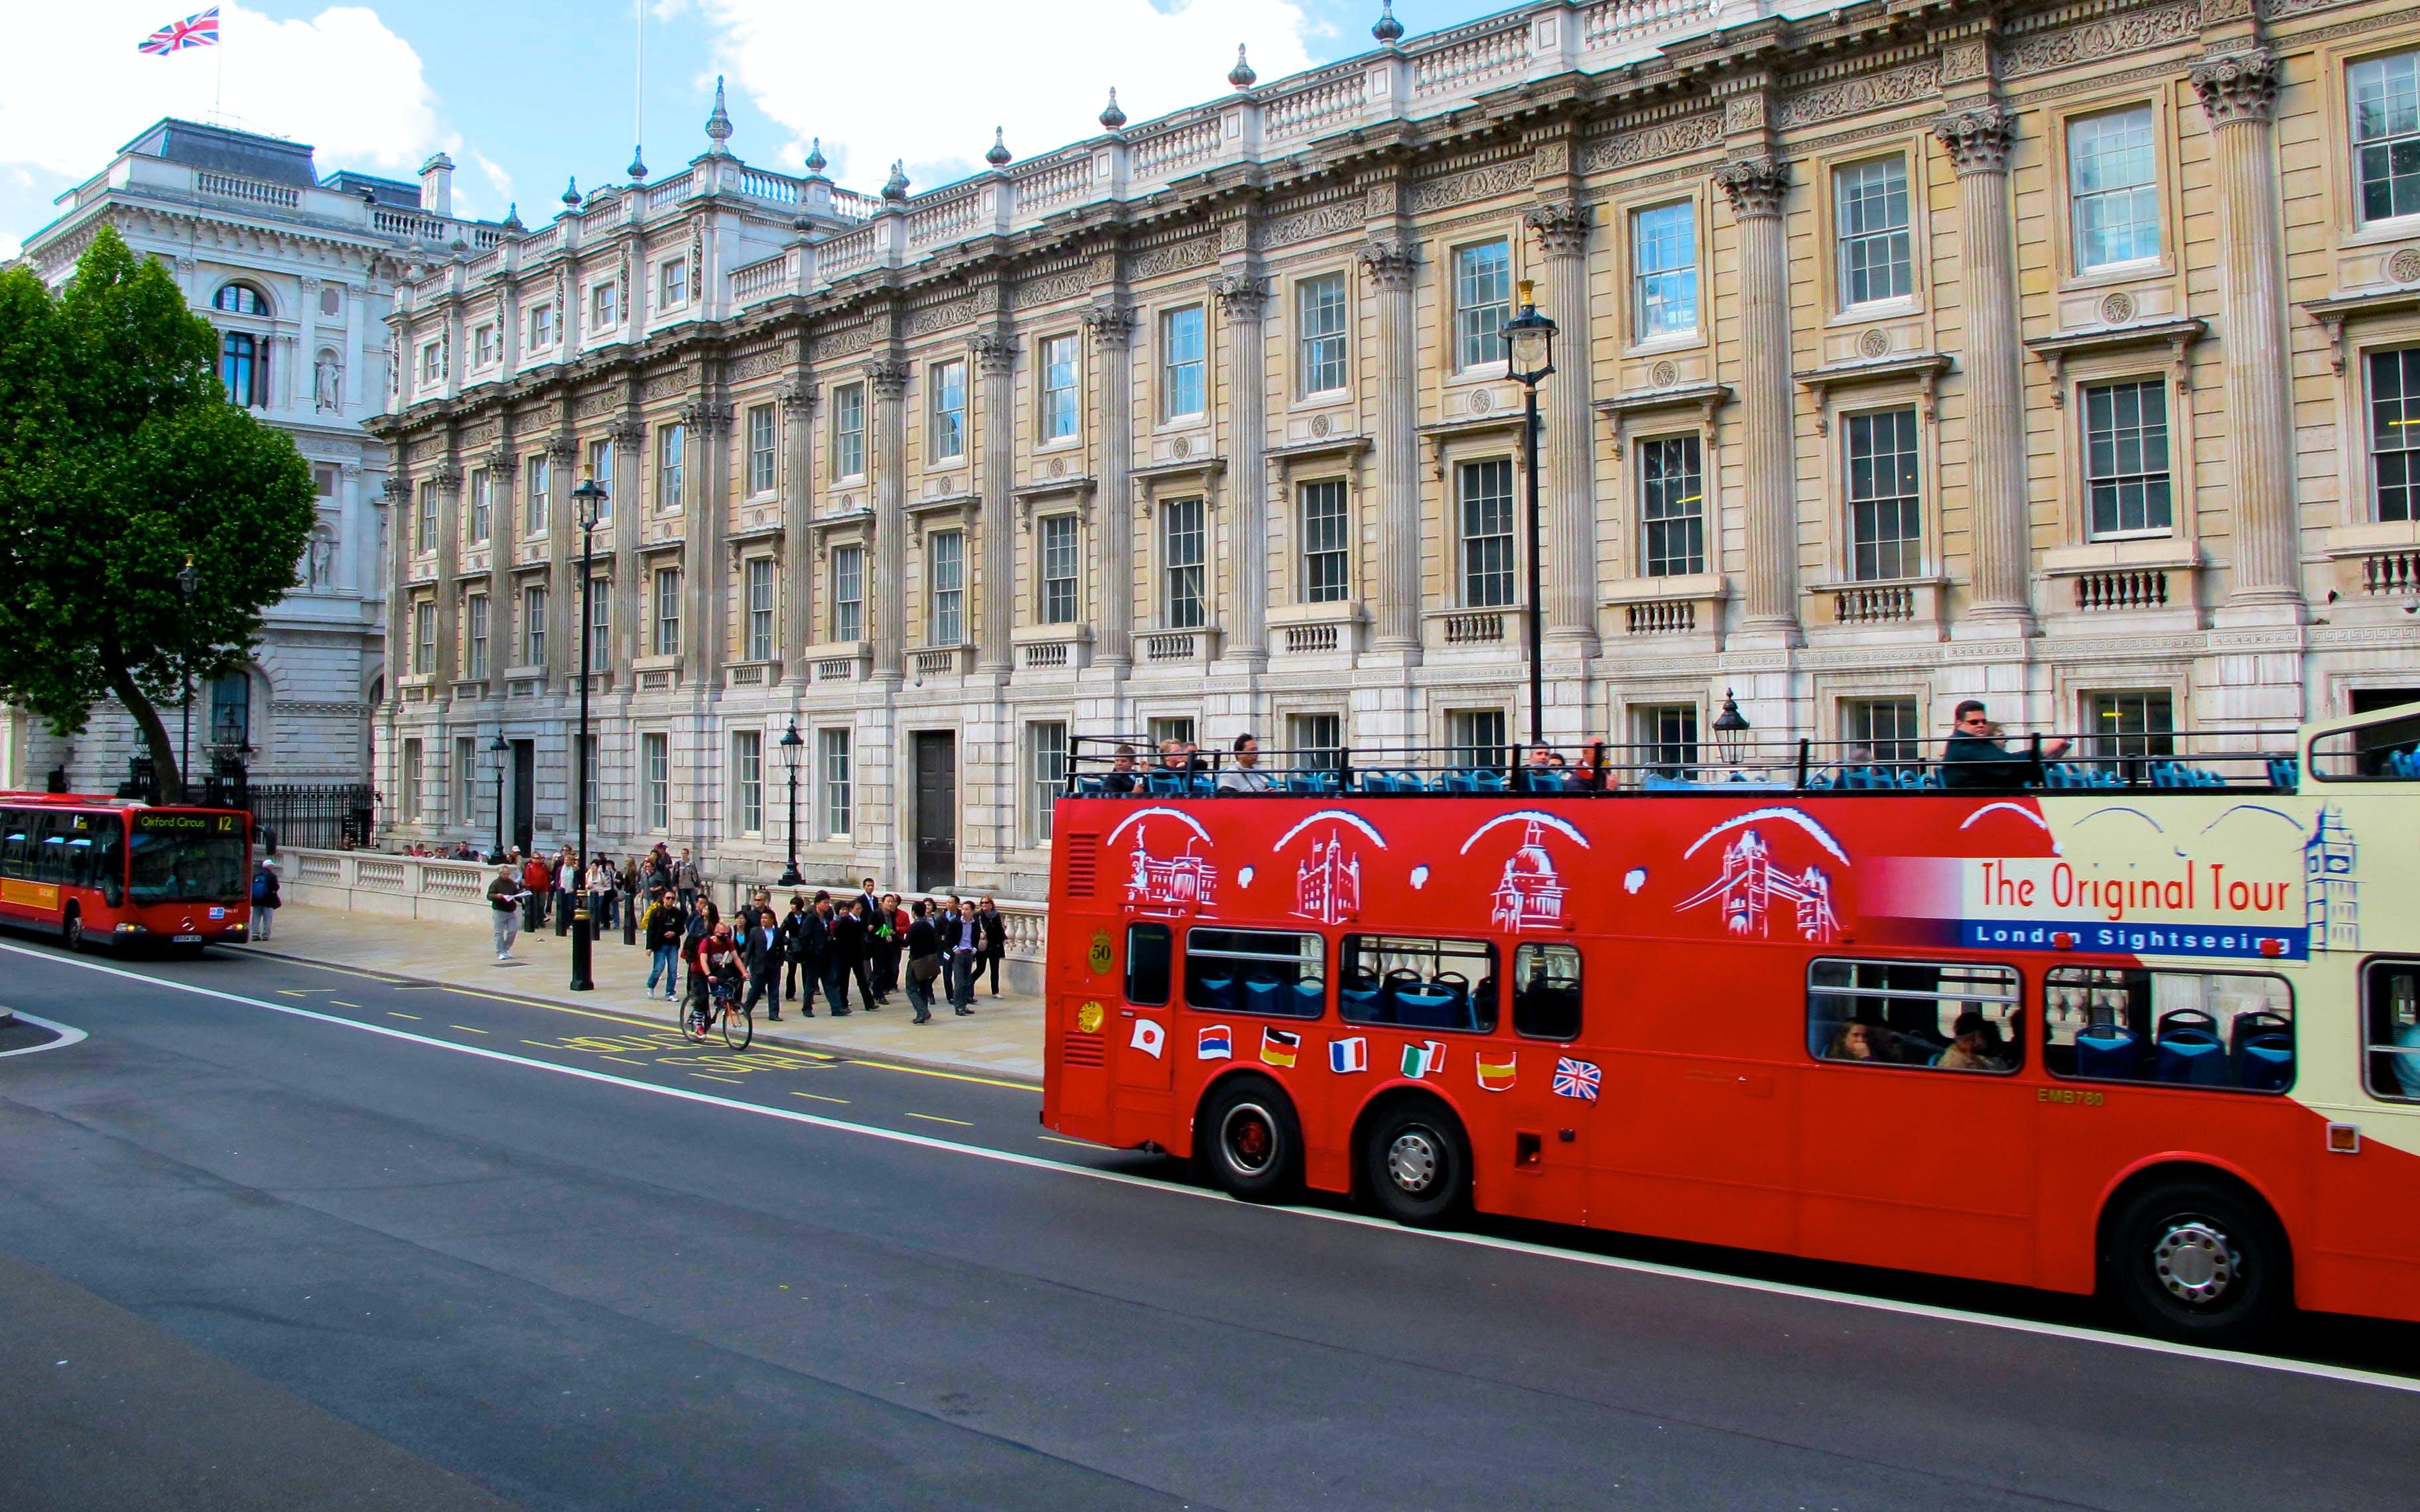 london hop on hop off bus tours - 1